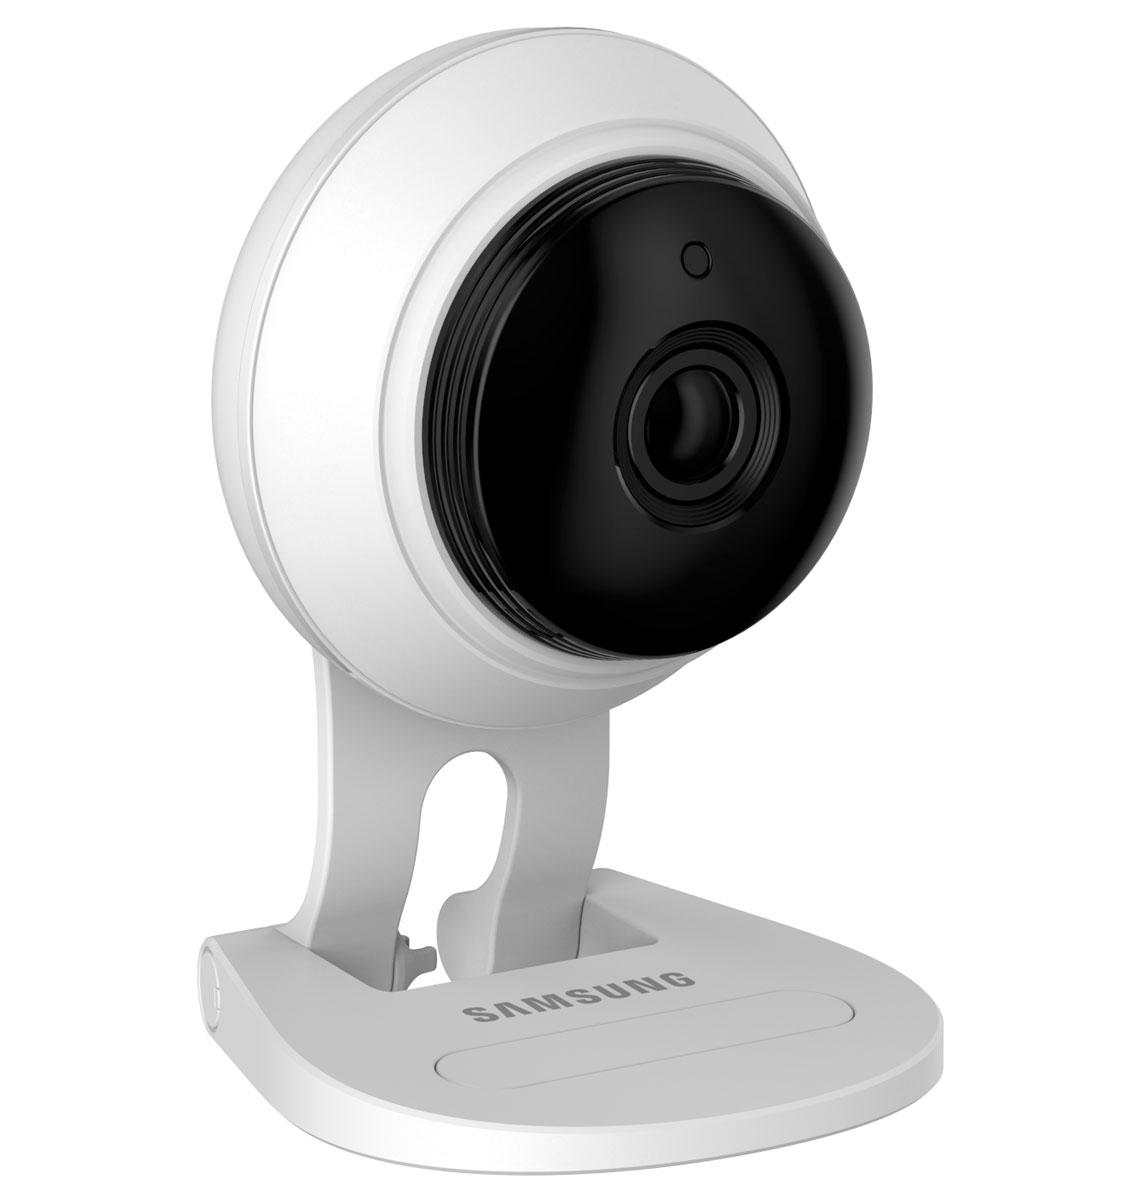 Samsung Видеоняня SmartCam SNH-C6417BN -  Безопасность ребенка